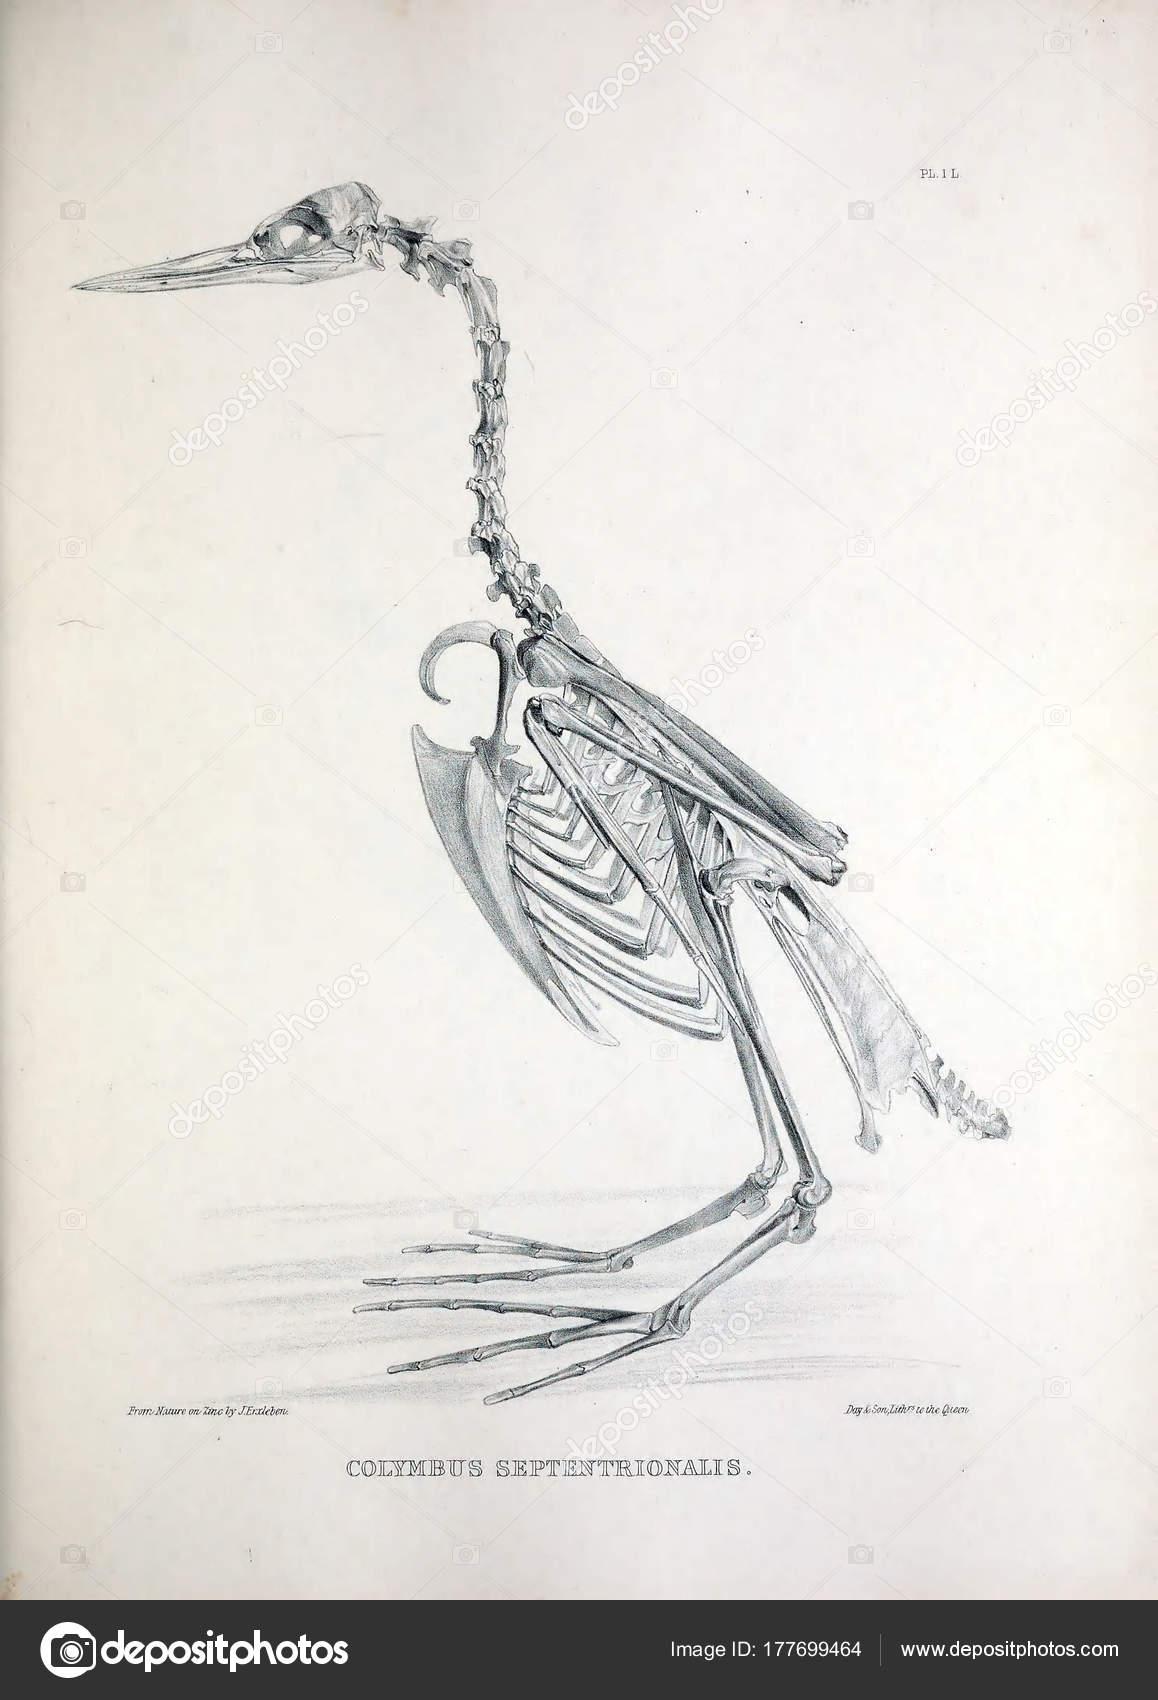 Ungewöhnlich Avian Skelettanatomie Bilder - Menschliche Anatomie ...